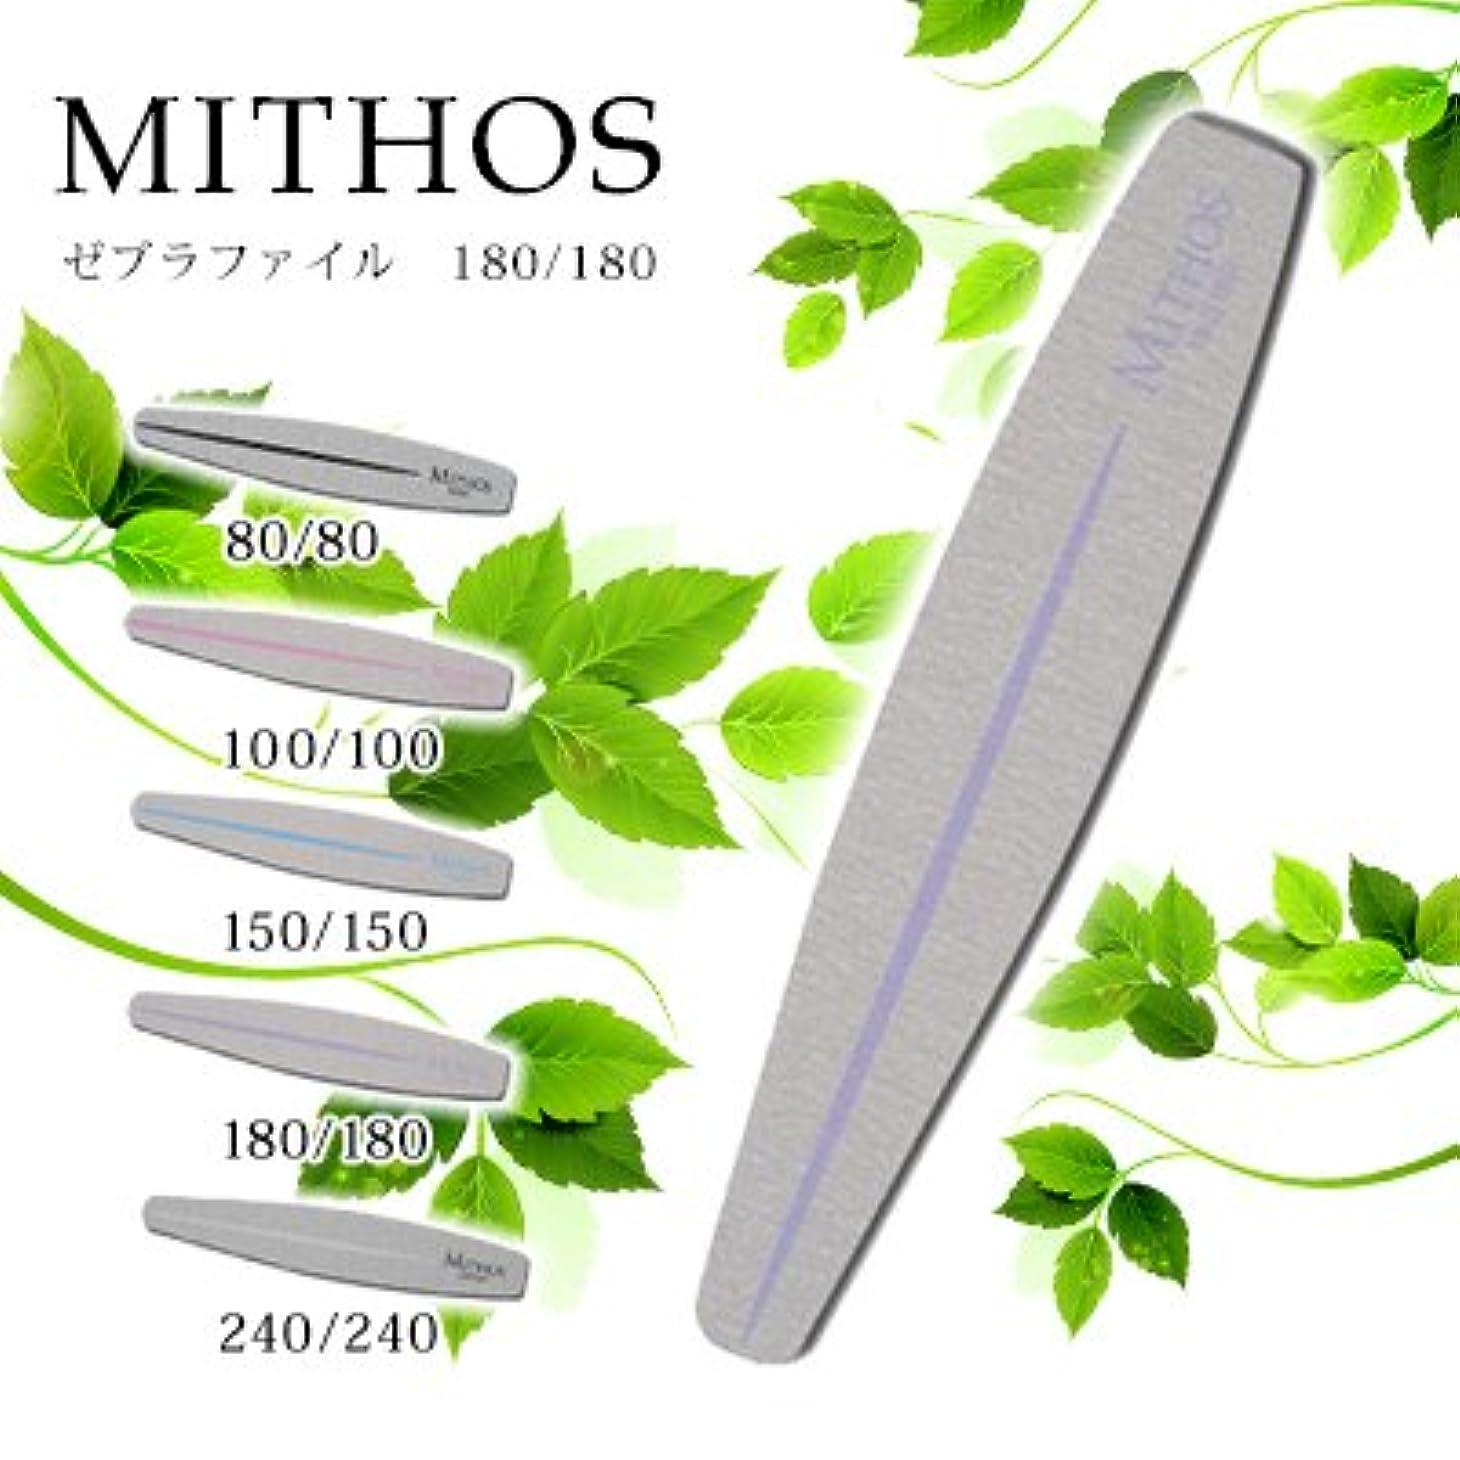 トライアスリートにんじん栄光ミトス MITHOS セブラファイル 180/180